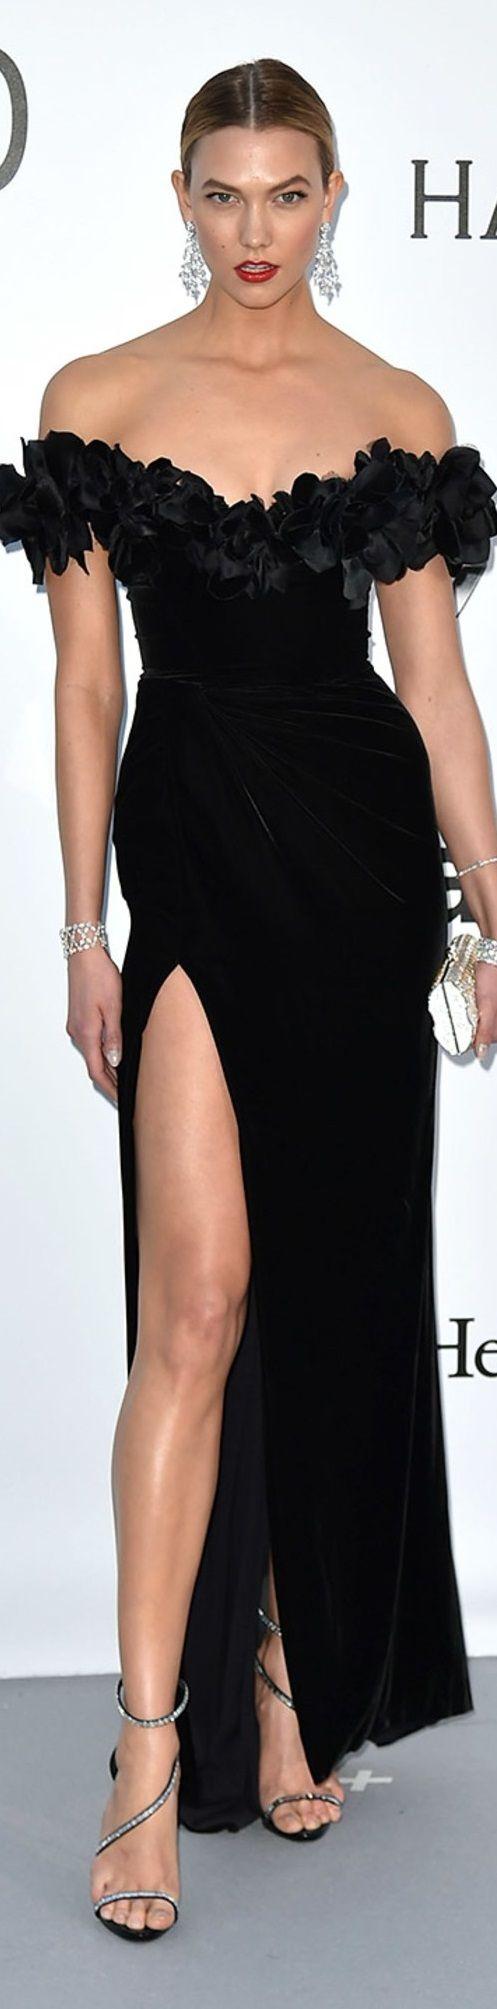 Karlie Kloss in Marchesa dress, Chopard jewels